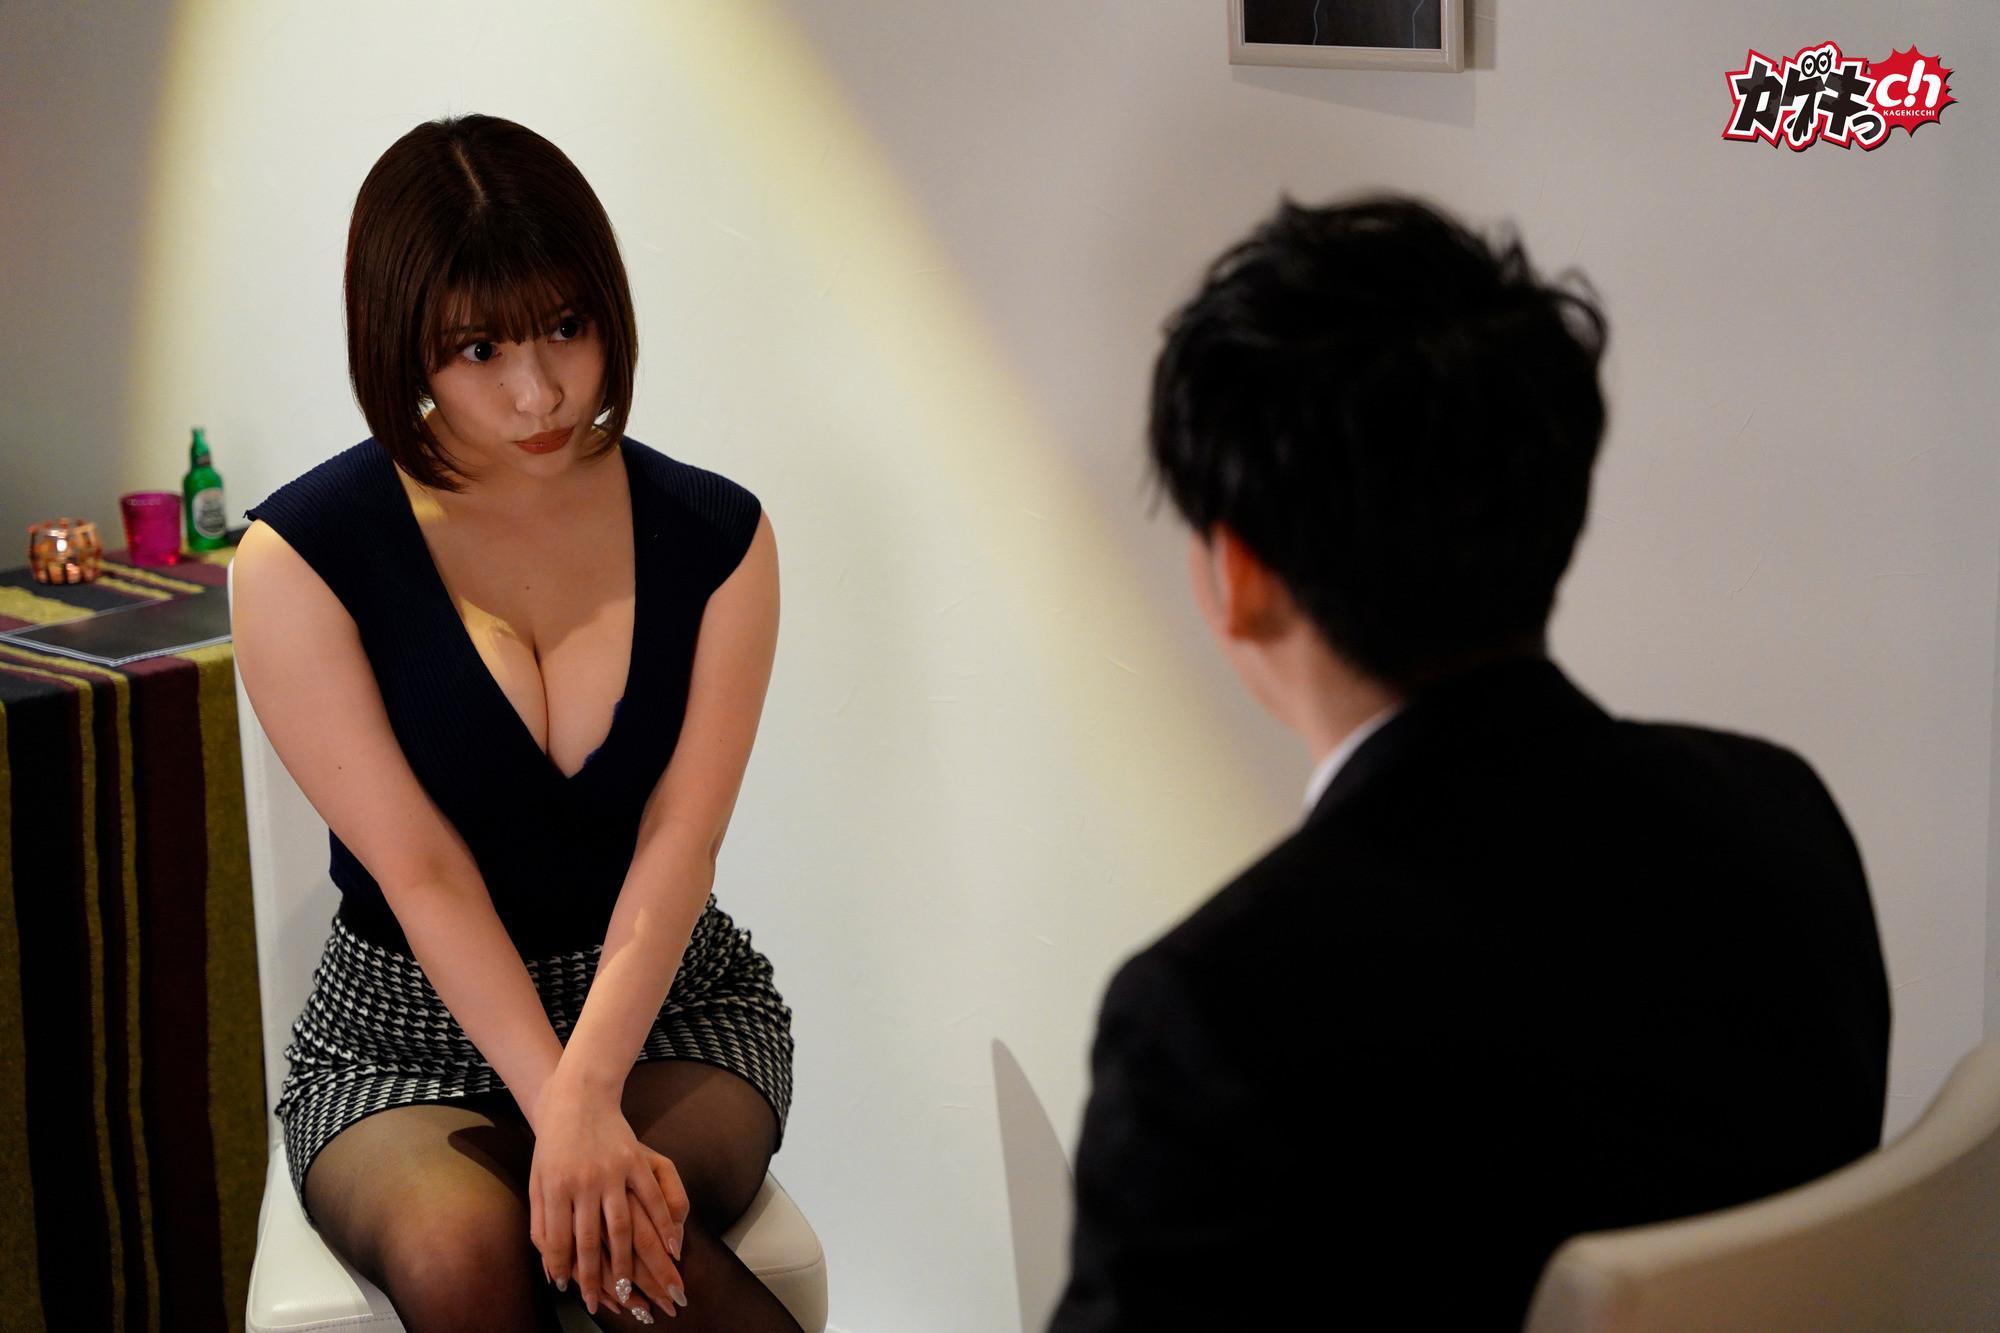 『普通のバイト面接じゃ・・・ない!?』~バーのバイトの面接はまさかのAV男優面接!?いきなりカメラの前でオナニーさせられ、エロすぎる女面接官にのせられるまま本番SEX~